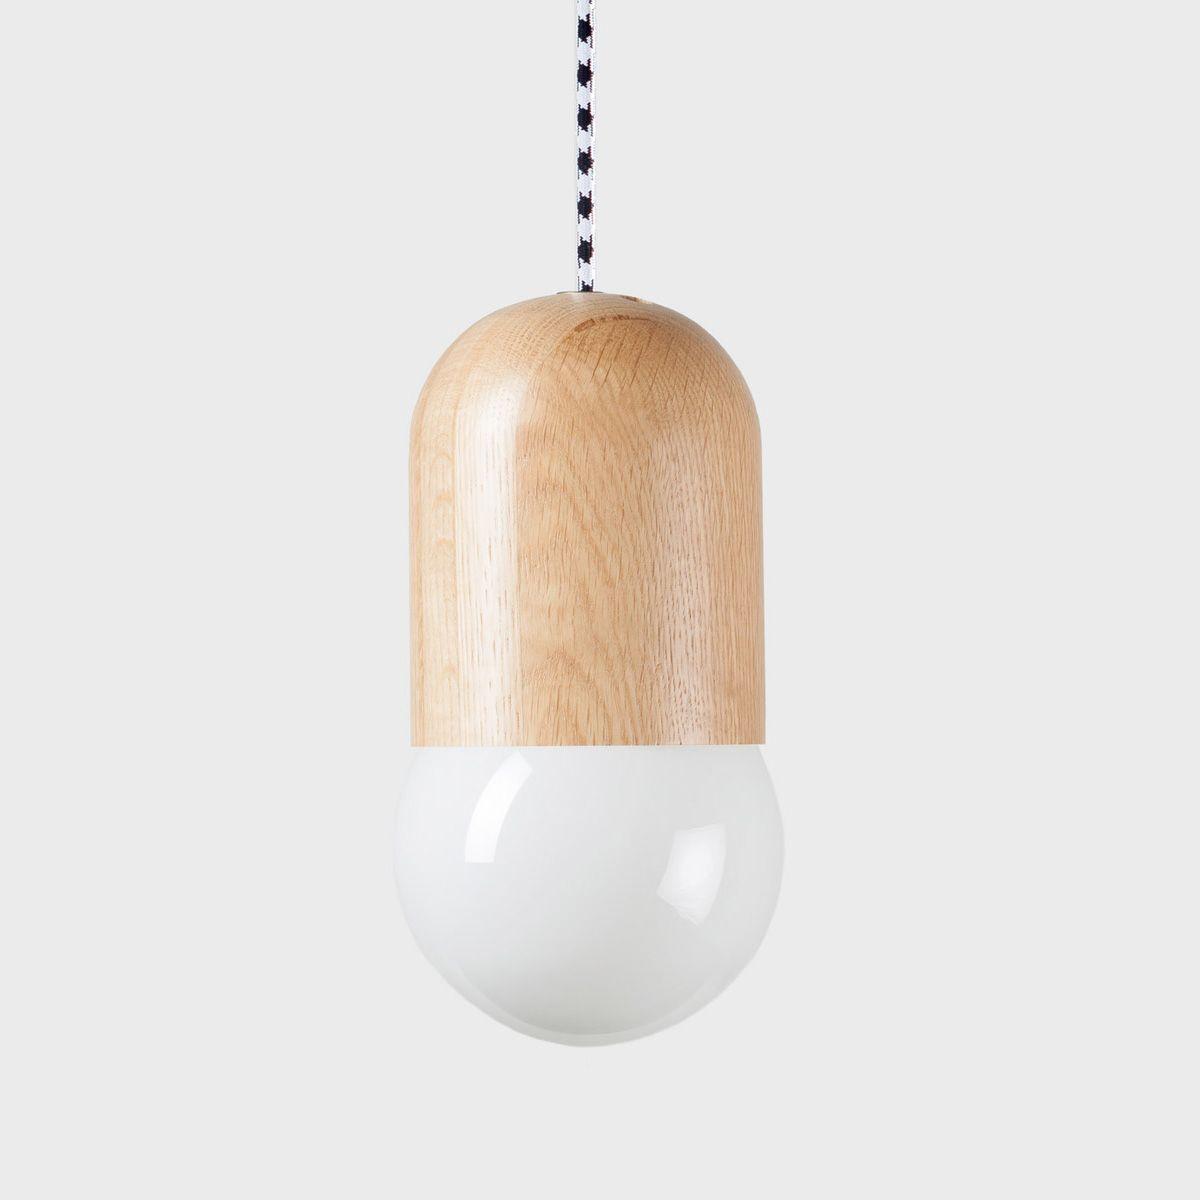 Подвесной светильник Light Bean матовый с чёрно-белым проводомПодвесные светильники<br><br>